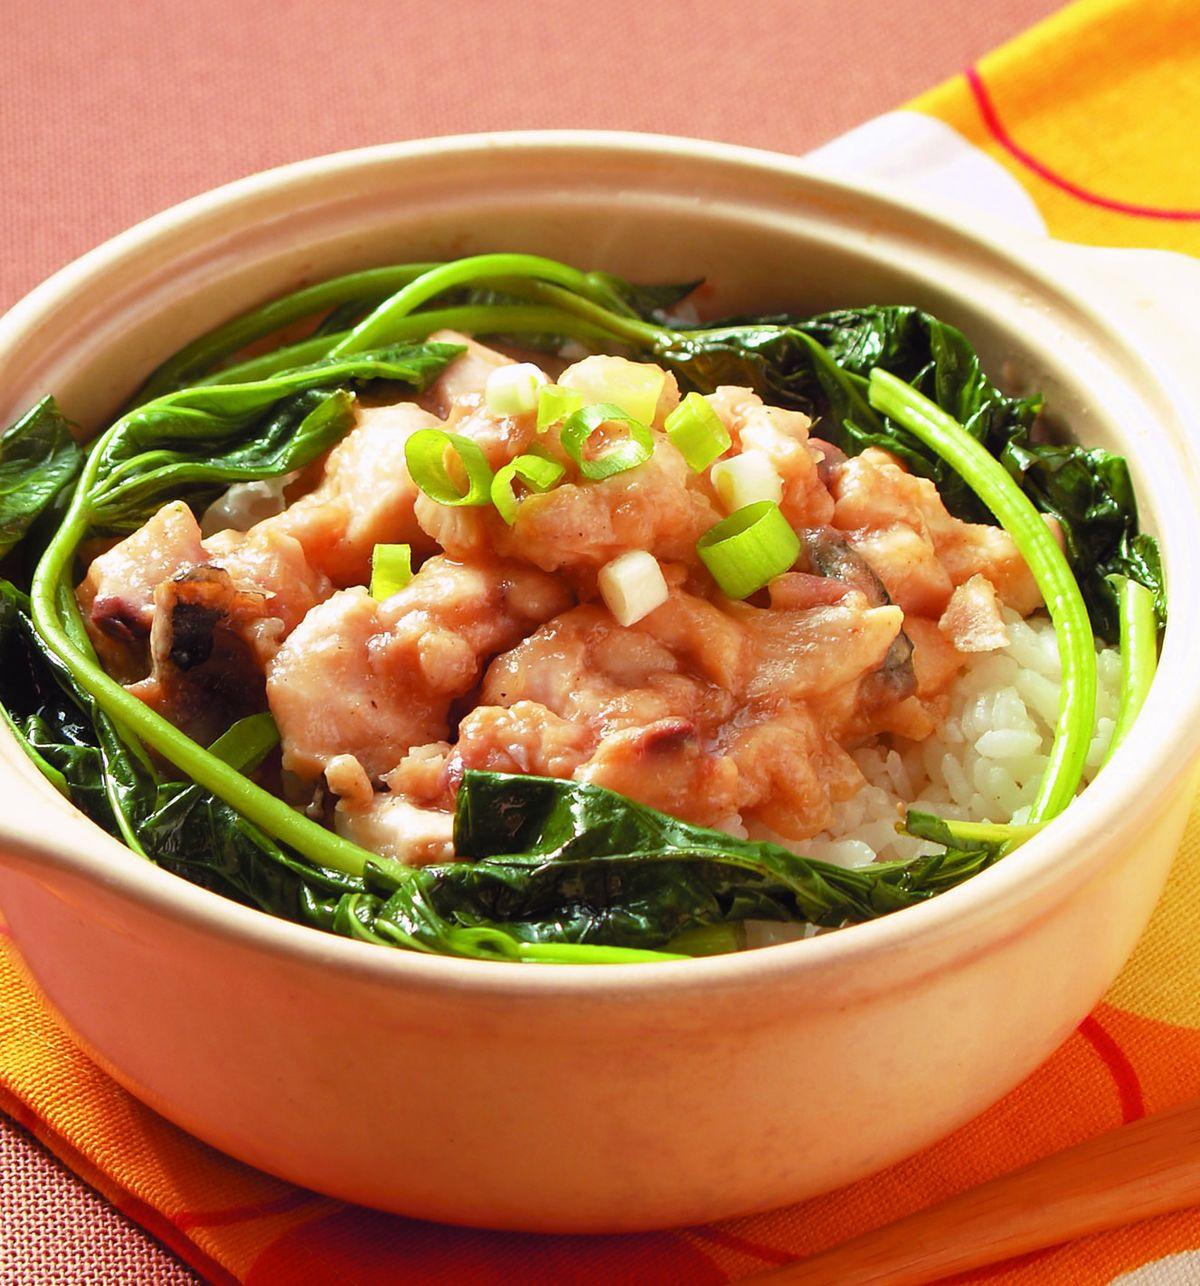 食譜:鹹魚雞粒煲仔飯